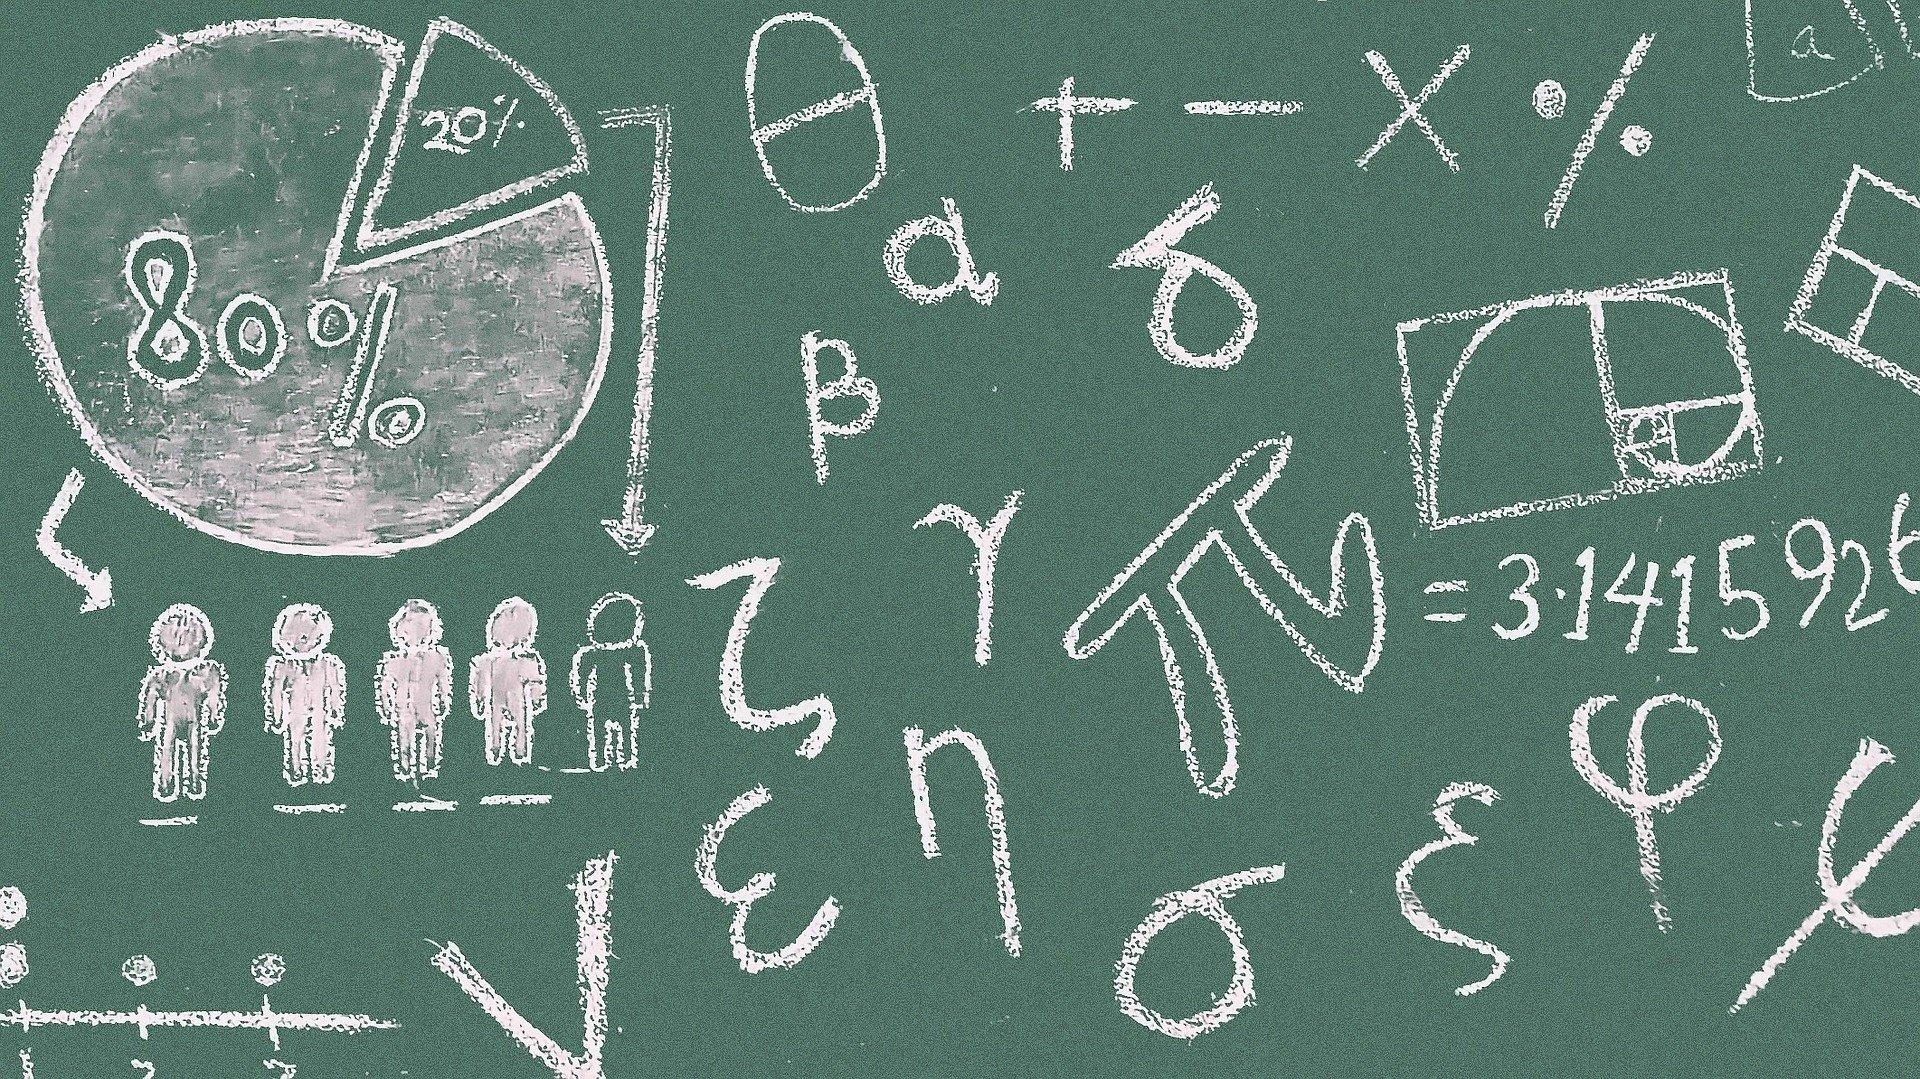 matura próbna matematyka 2020 operon